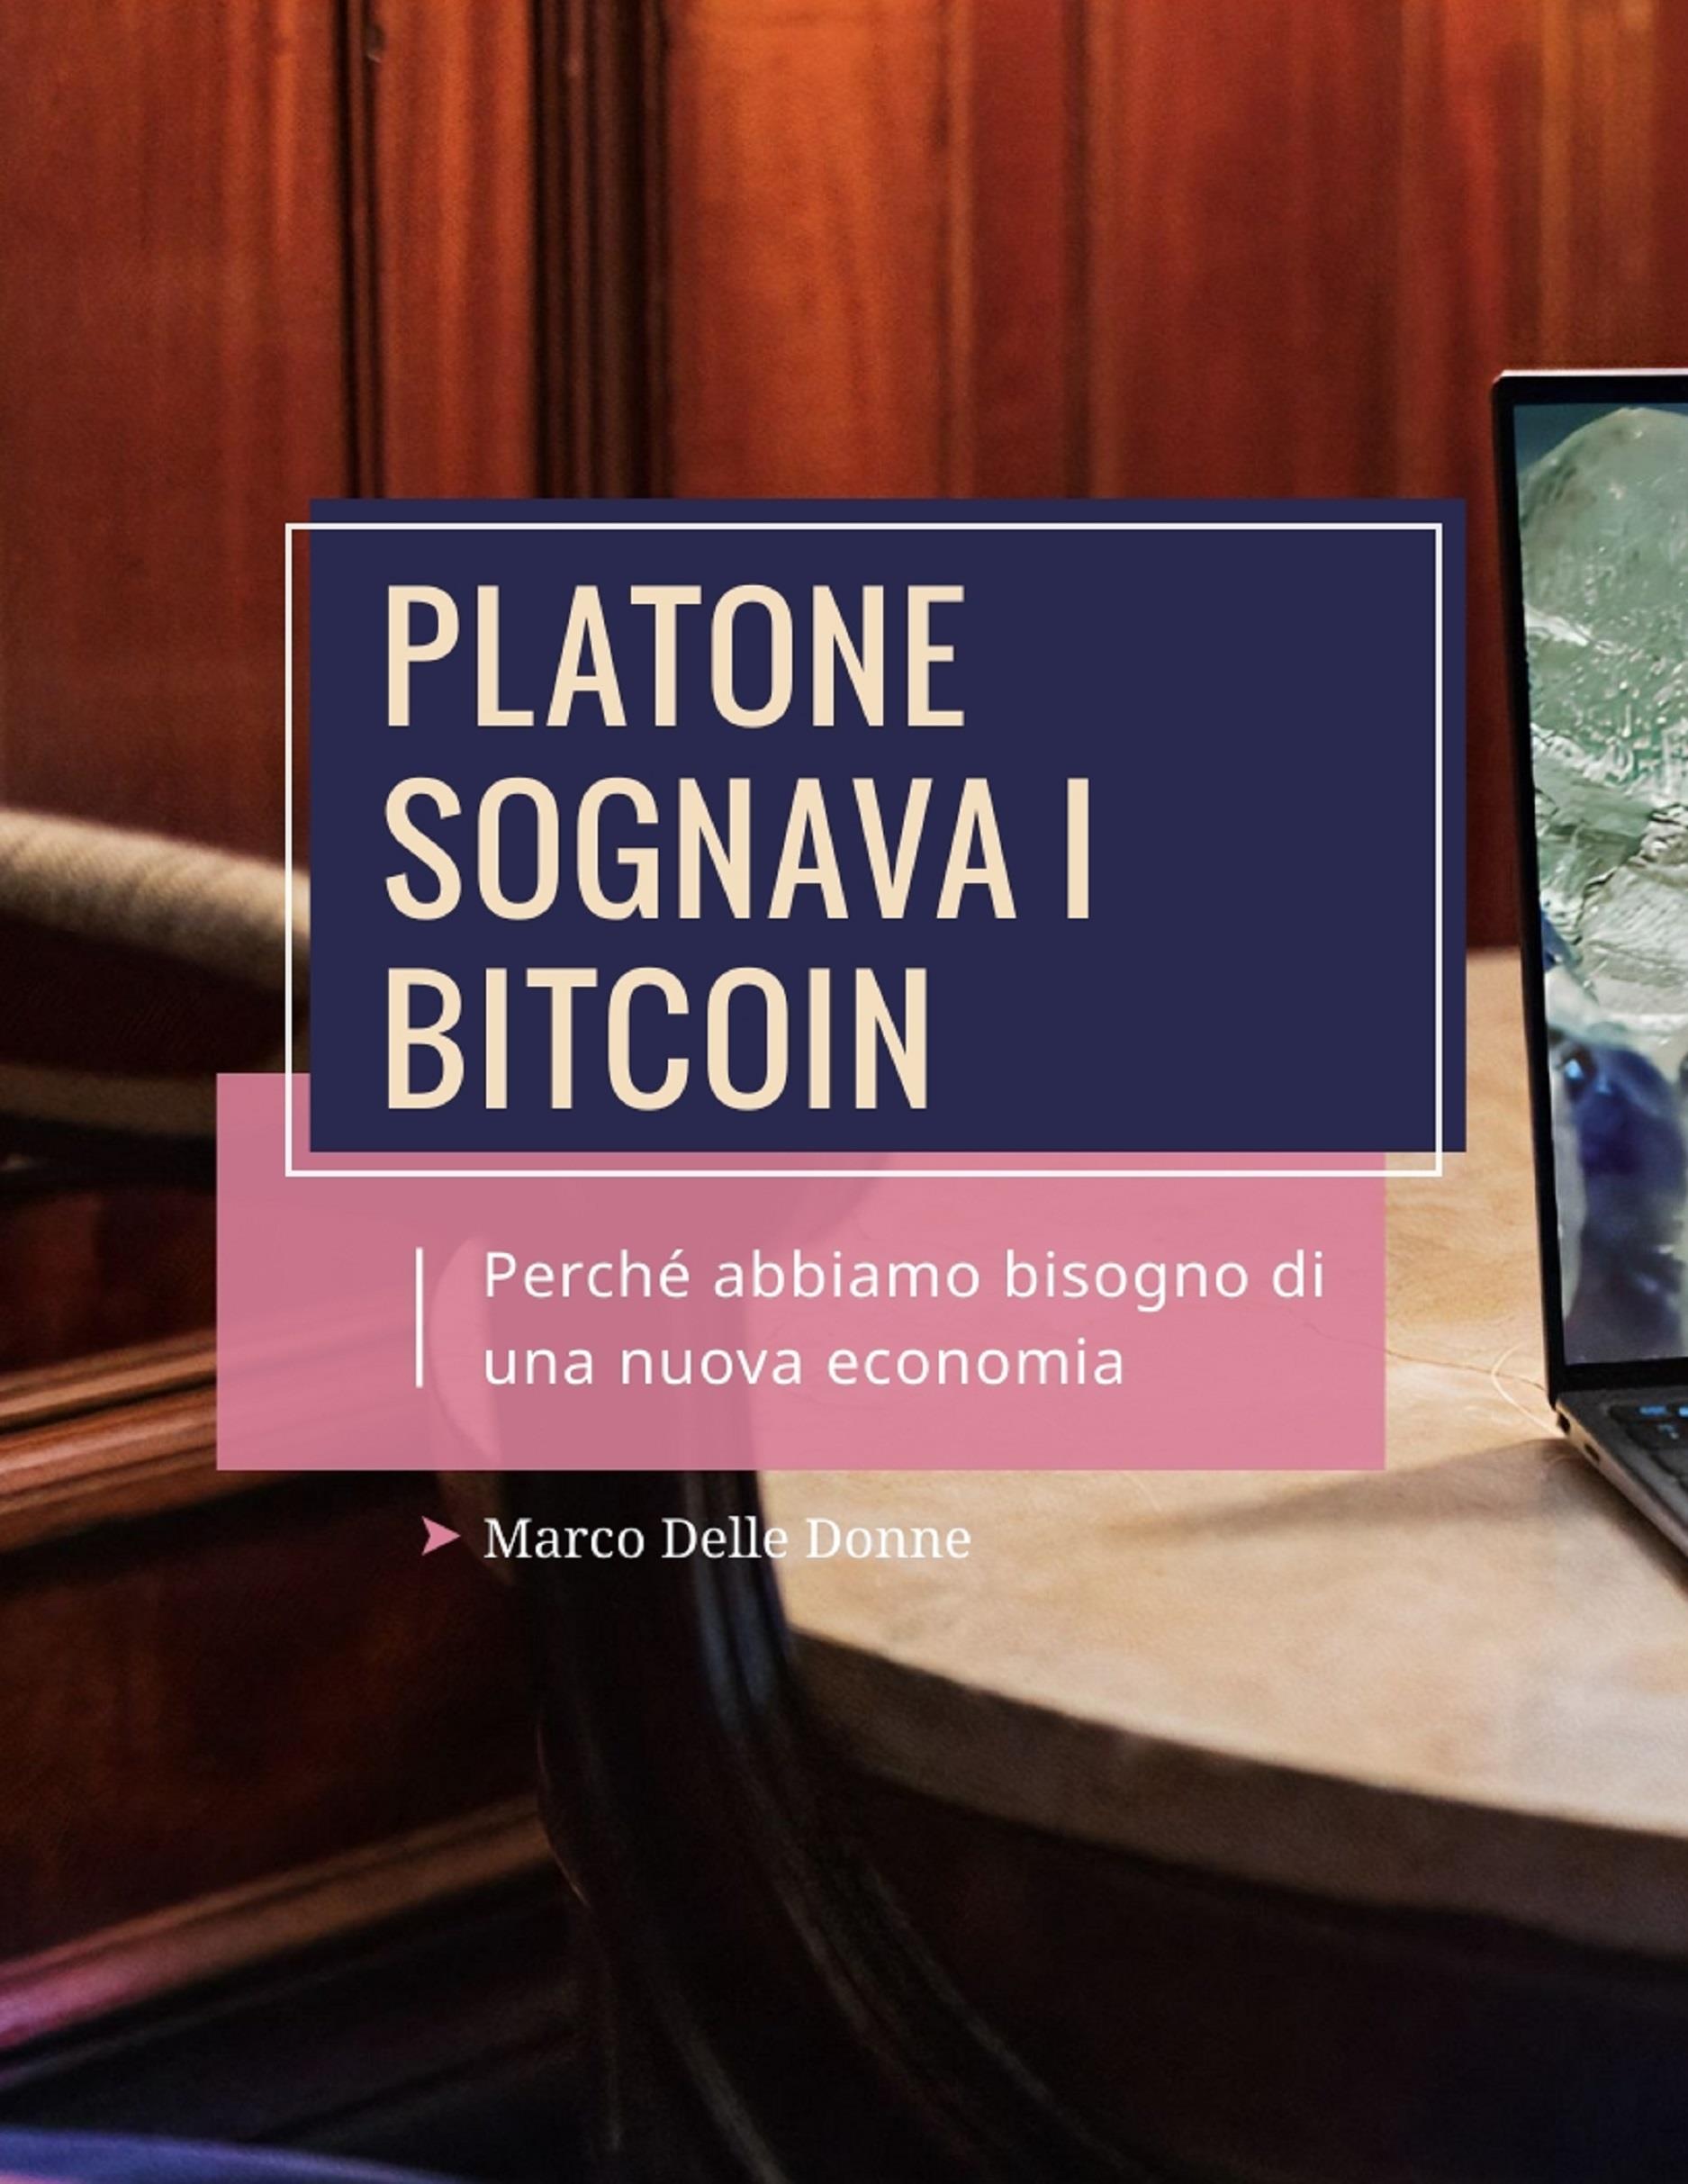 Platone Sognava i Bitcoin. Perché abbiamo bisogno di una nuova Economia